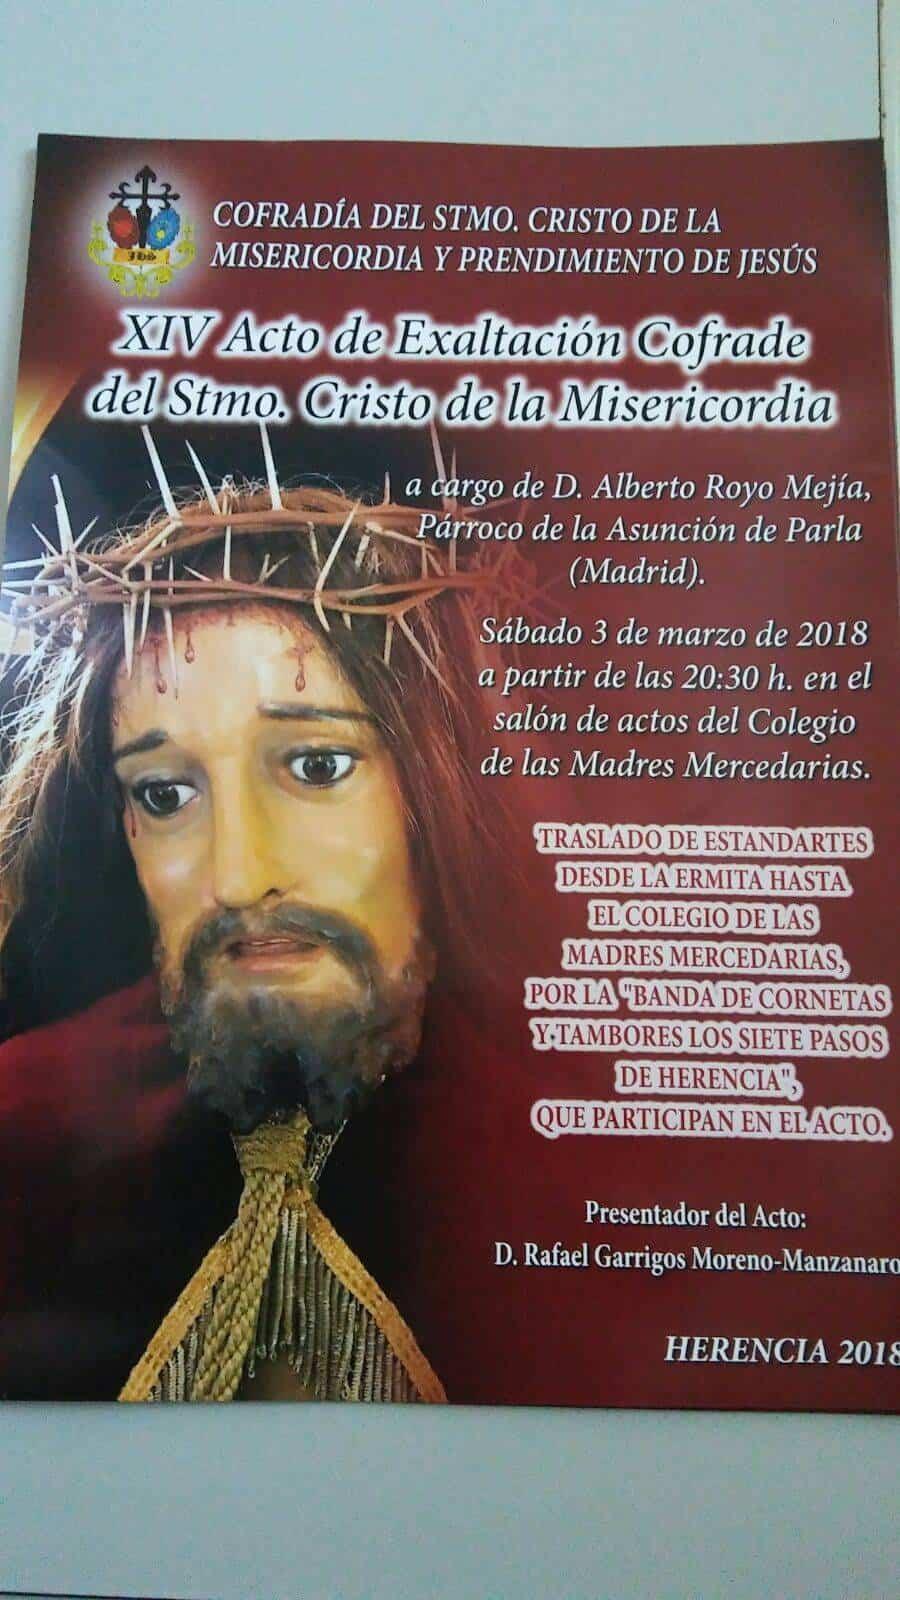 xiv acto exaltacion crofrade cristo 2018 - XIV Acto de Exaltación Cofrade del Stmo. Cristo de la Misericordía